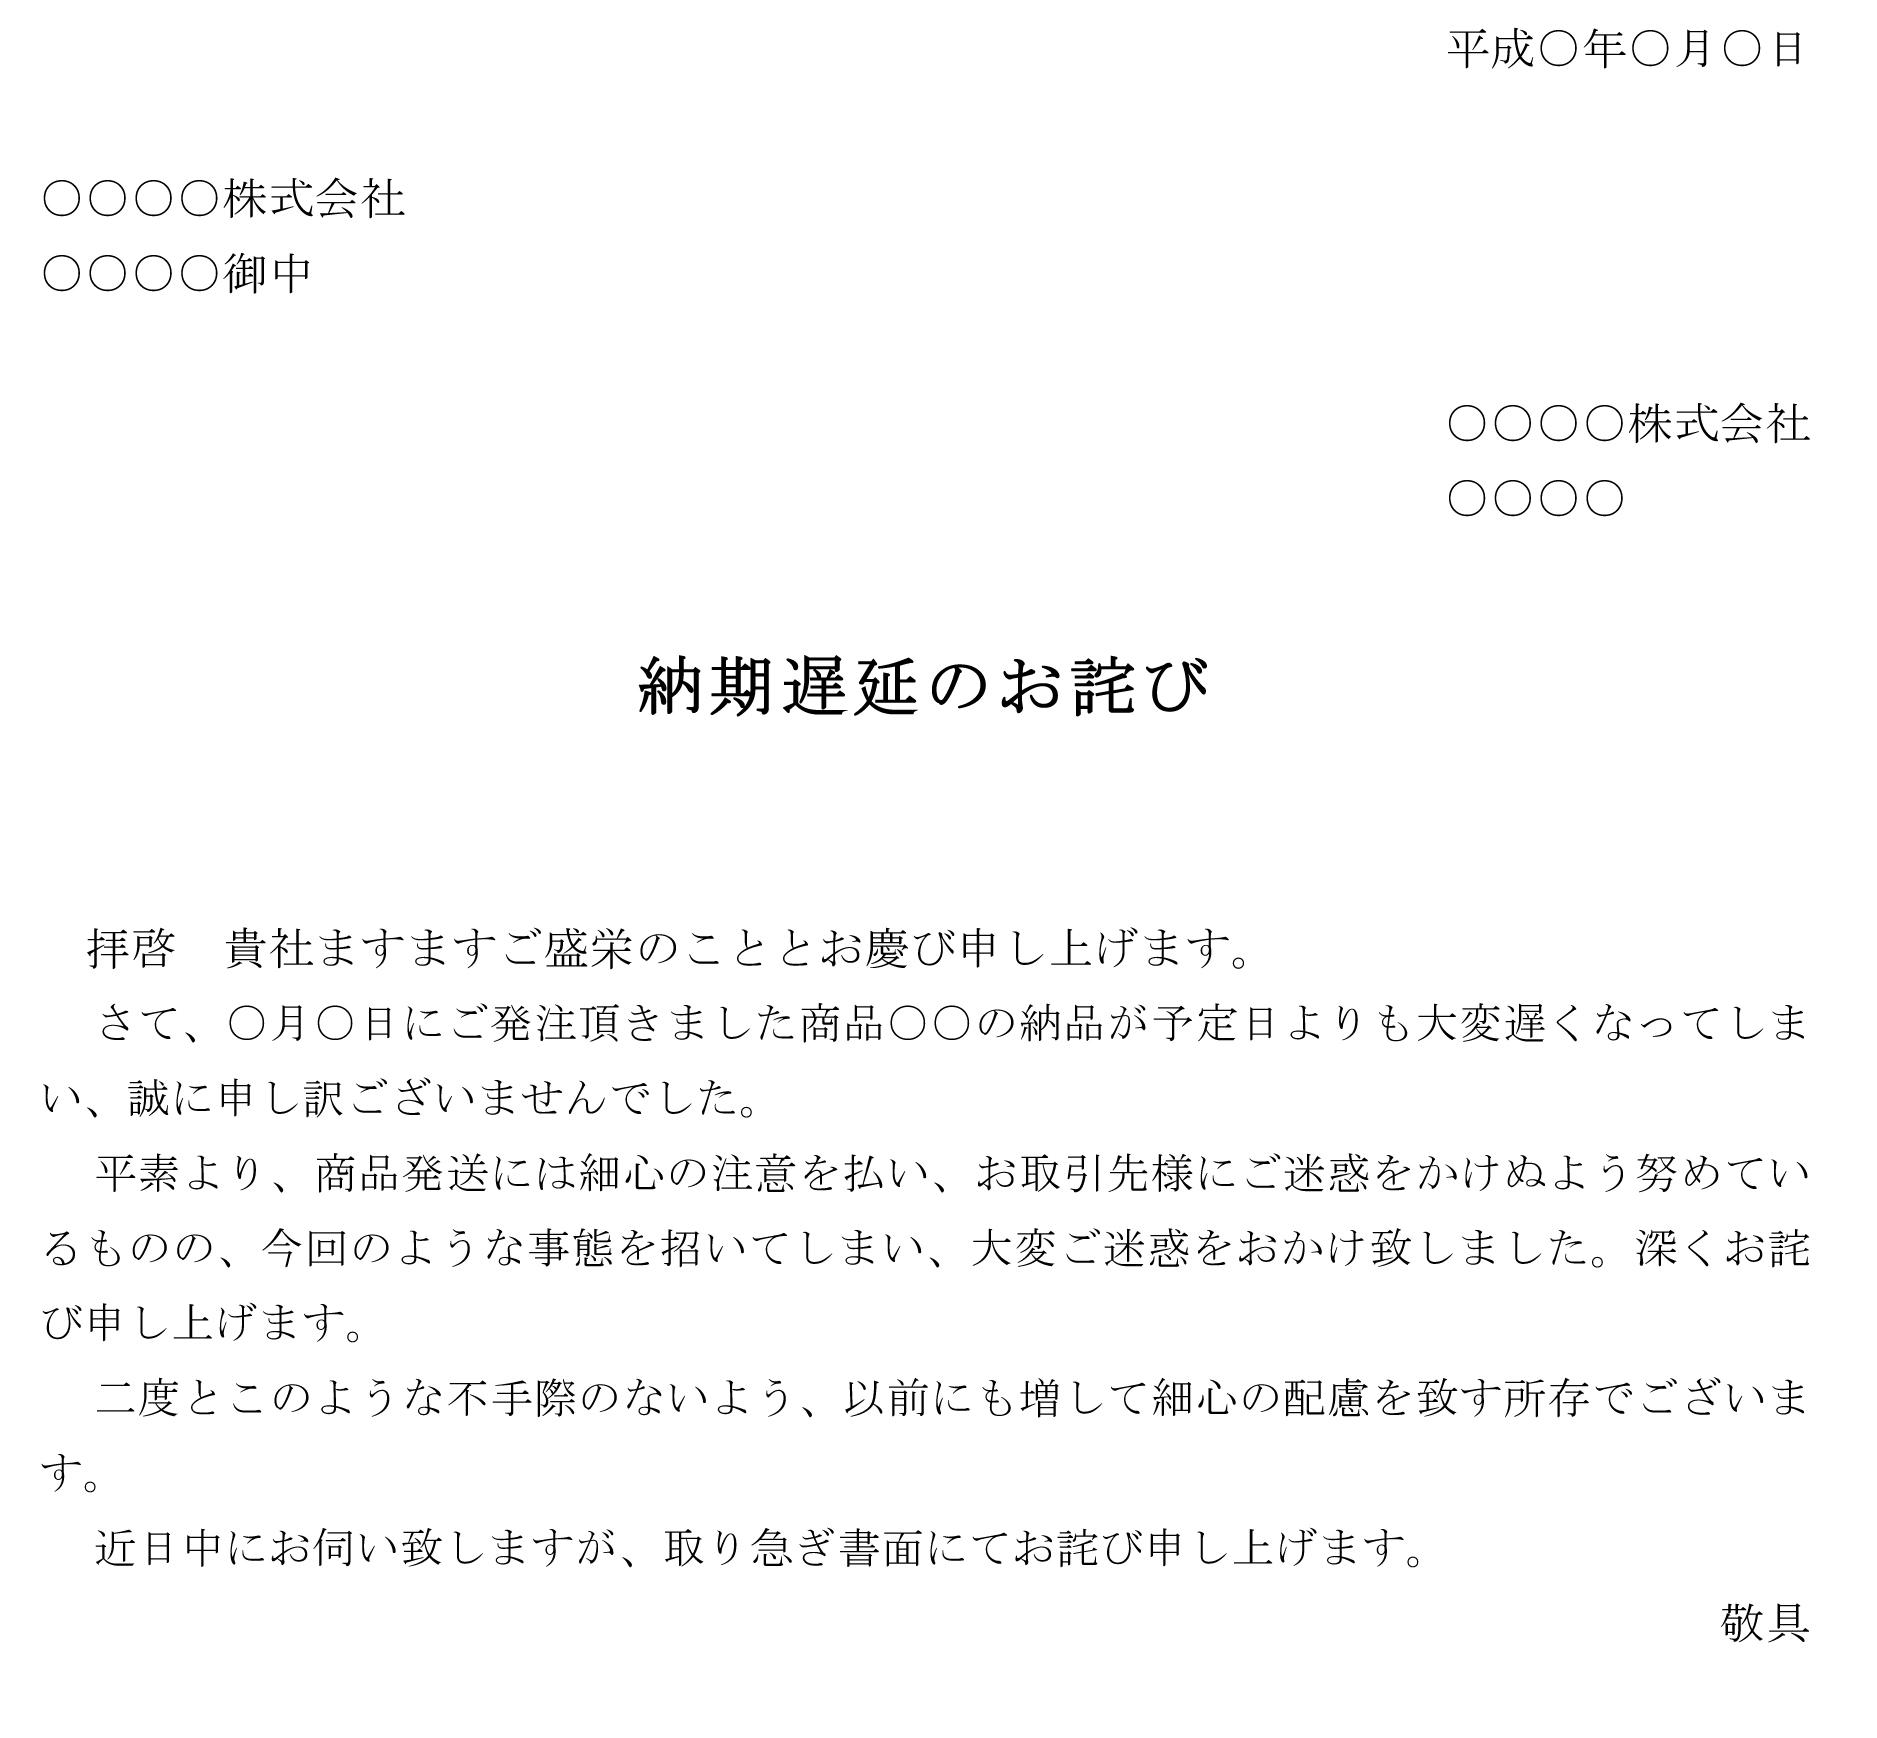 お詫び状(納期遅延)01